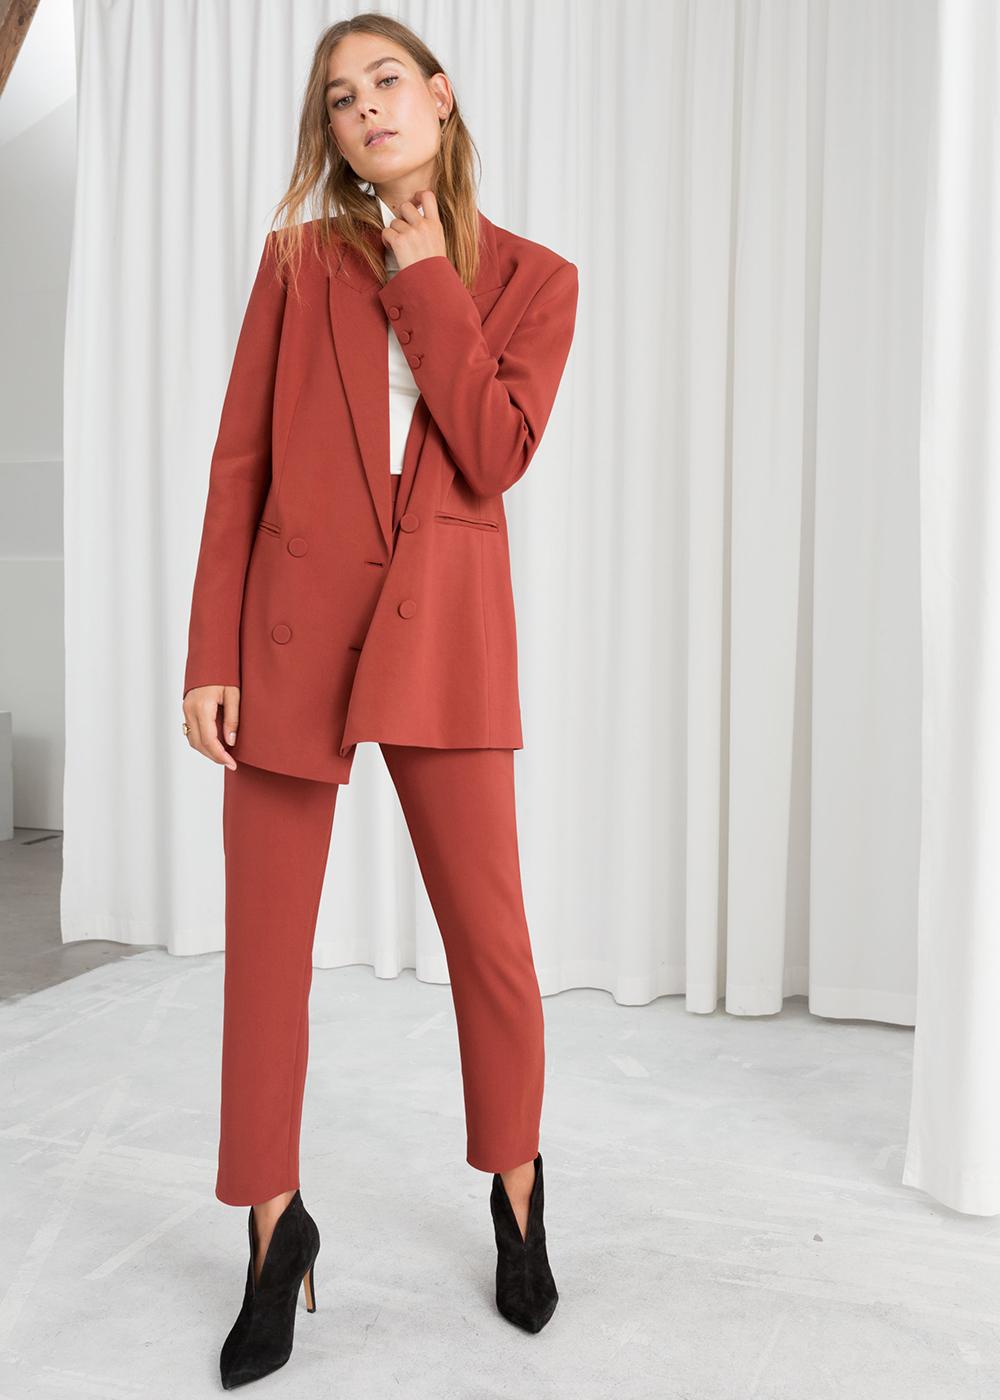 Smuk jakkesæt i varme farver til kvinder